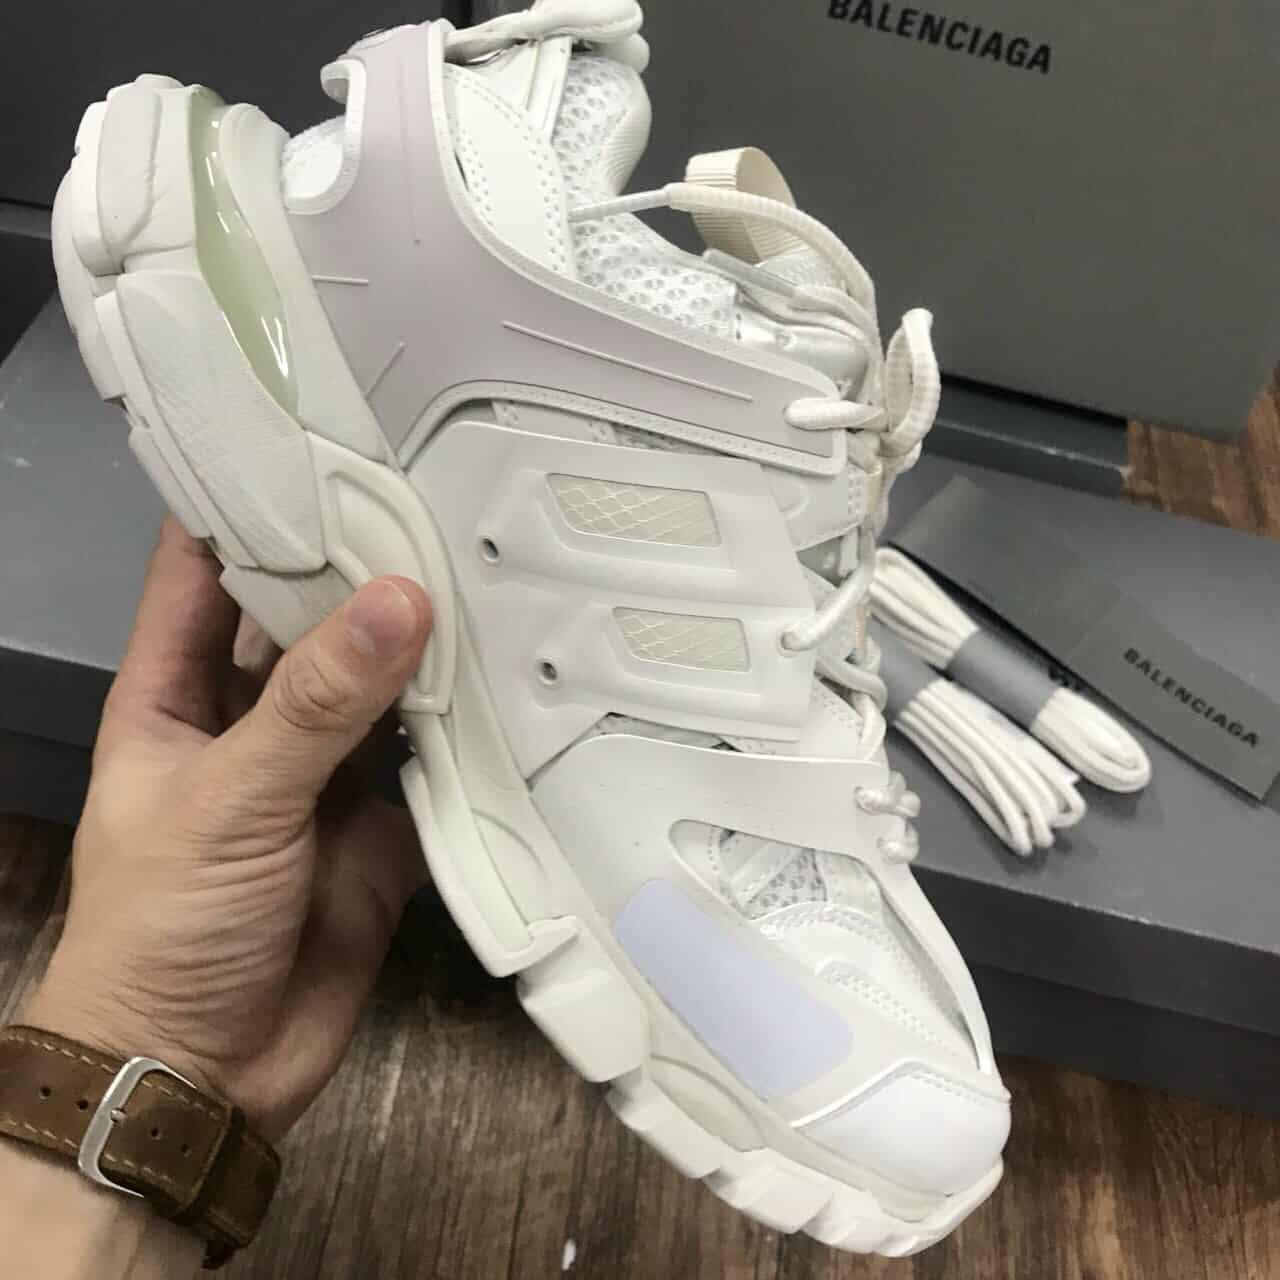 Giày Balenciaga rep 1:1 có thiết kế nhiều lớp da chồng chéo lên nhau